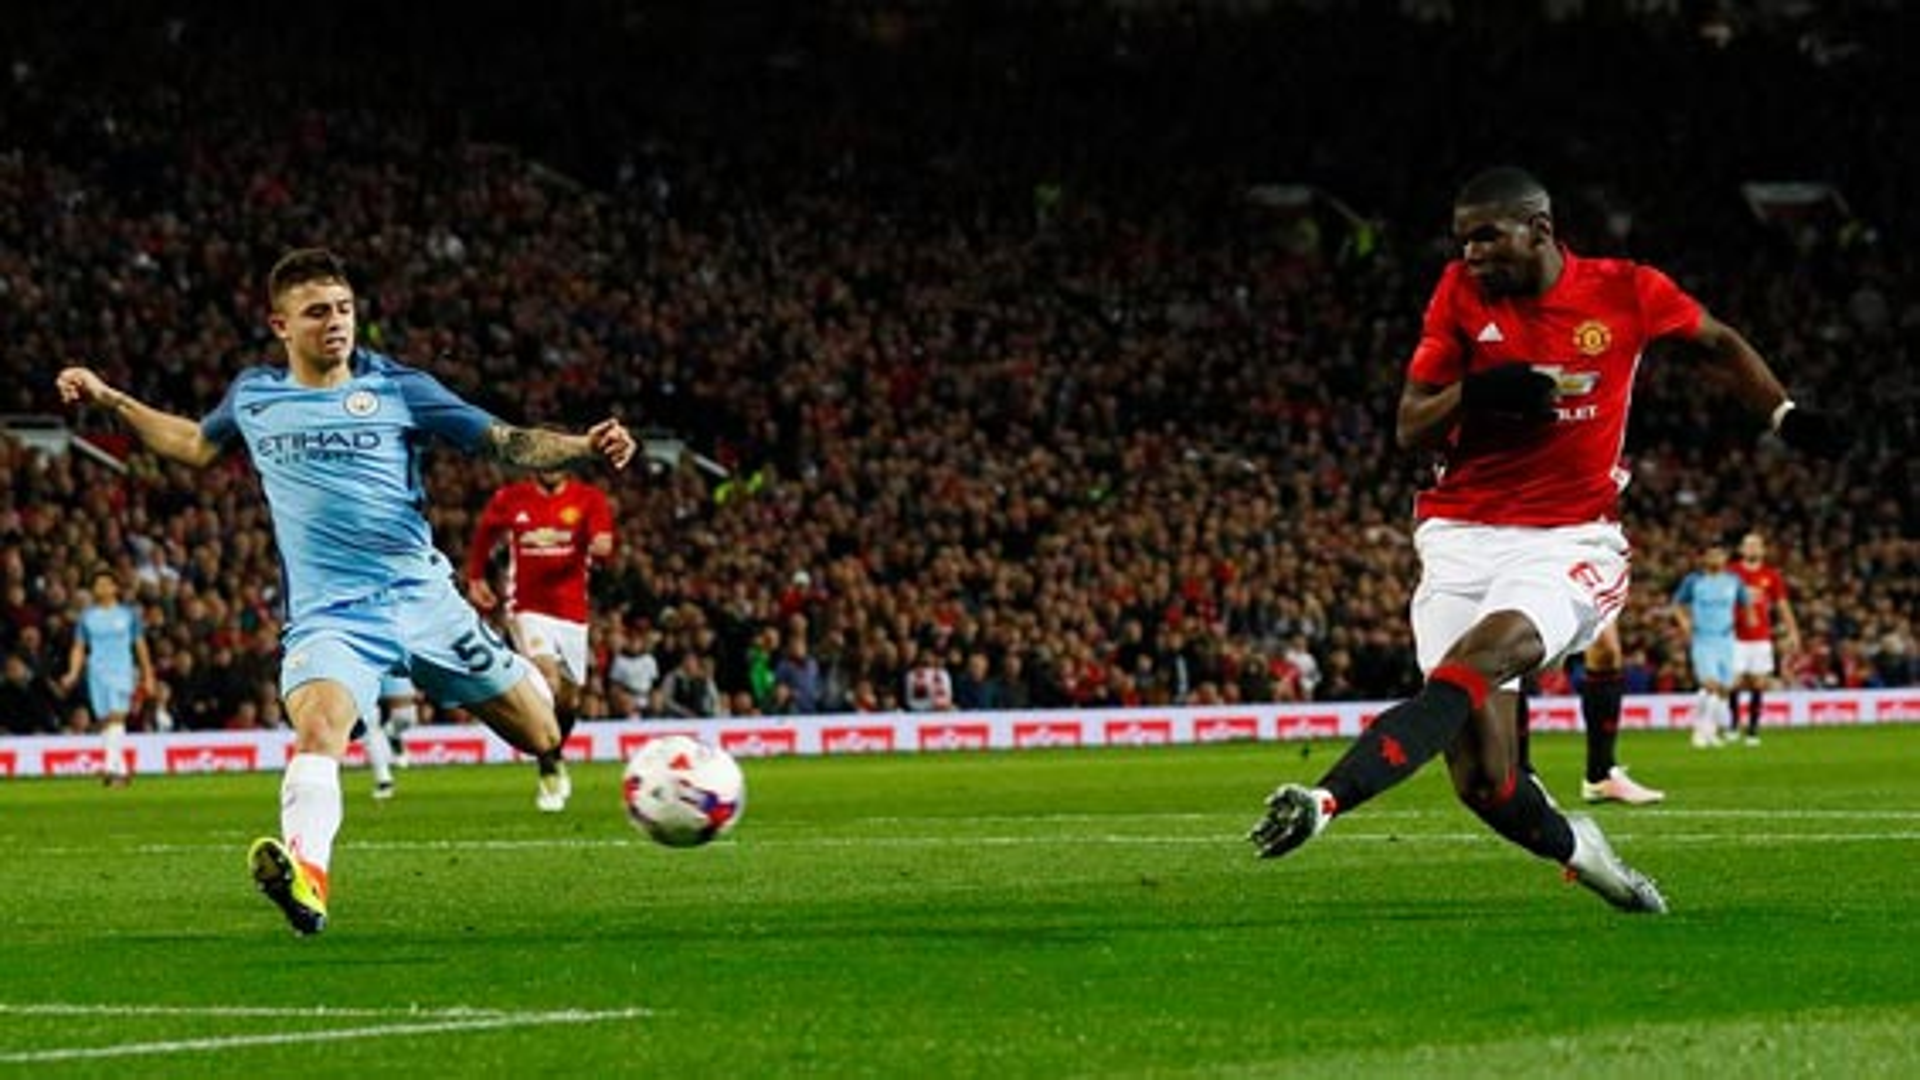 برترین گلهای فوتبال جهان در هفته سوم آذرماه | فیلم